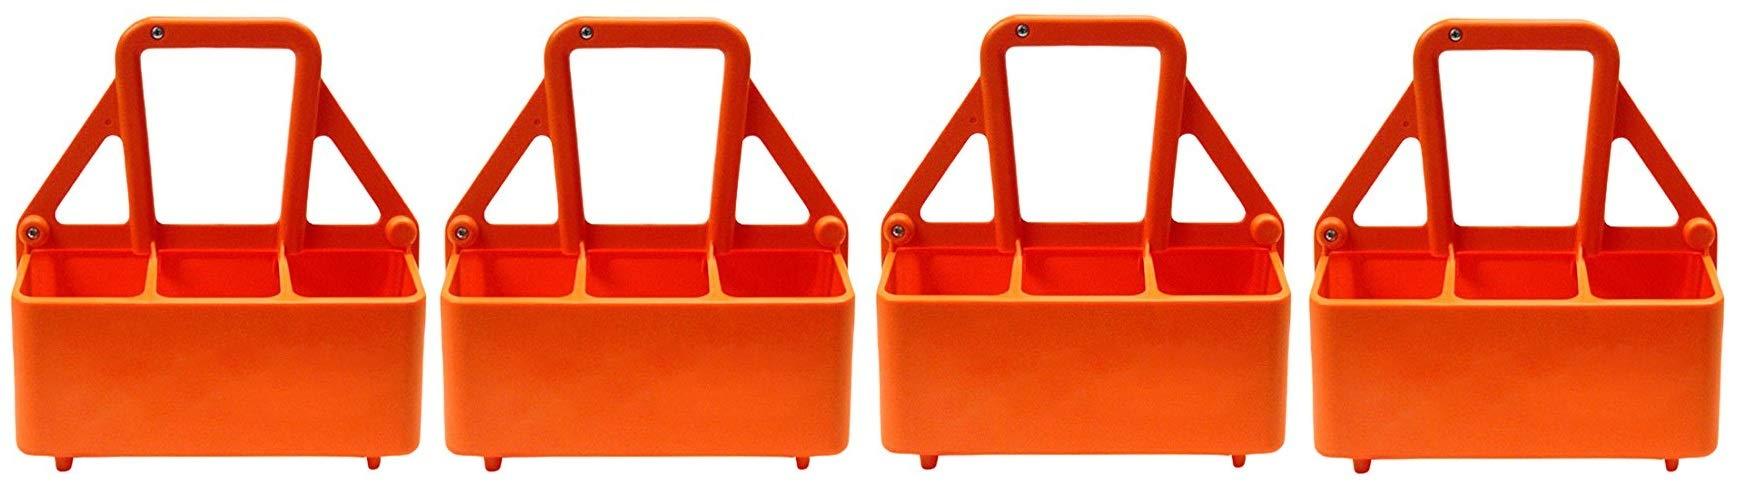 Martin Sports The Water Bottle Carrier, Plastic, Holds 6-26 OZ Bottles. (4-(Pack))